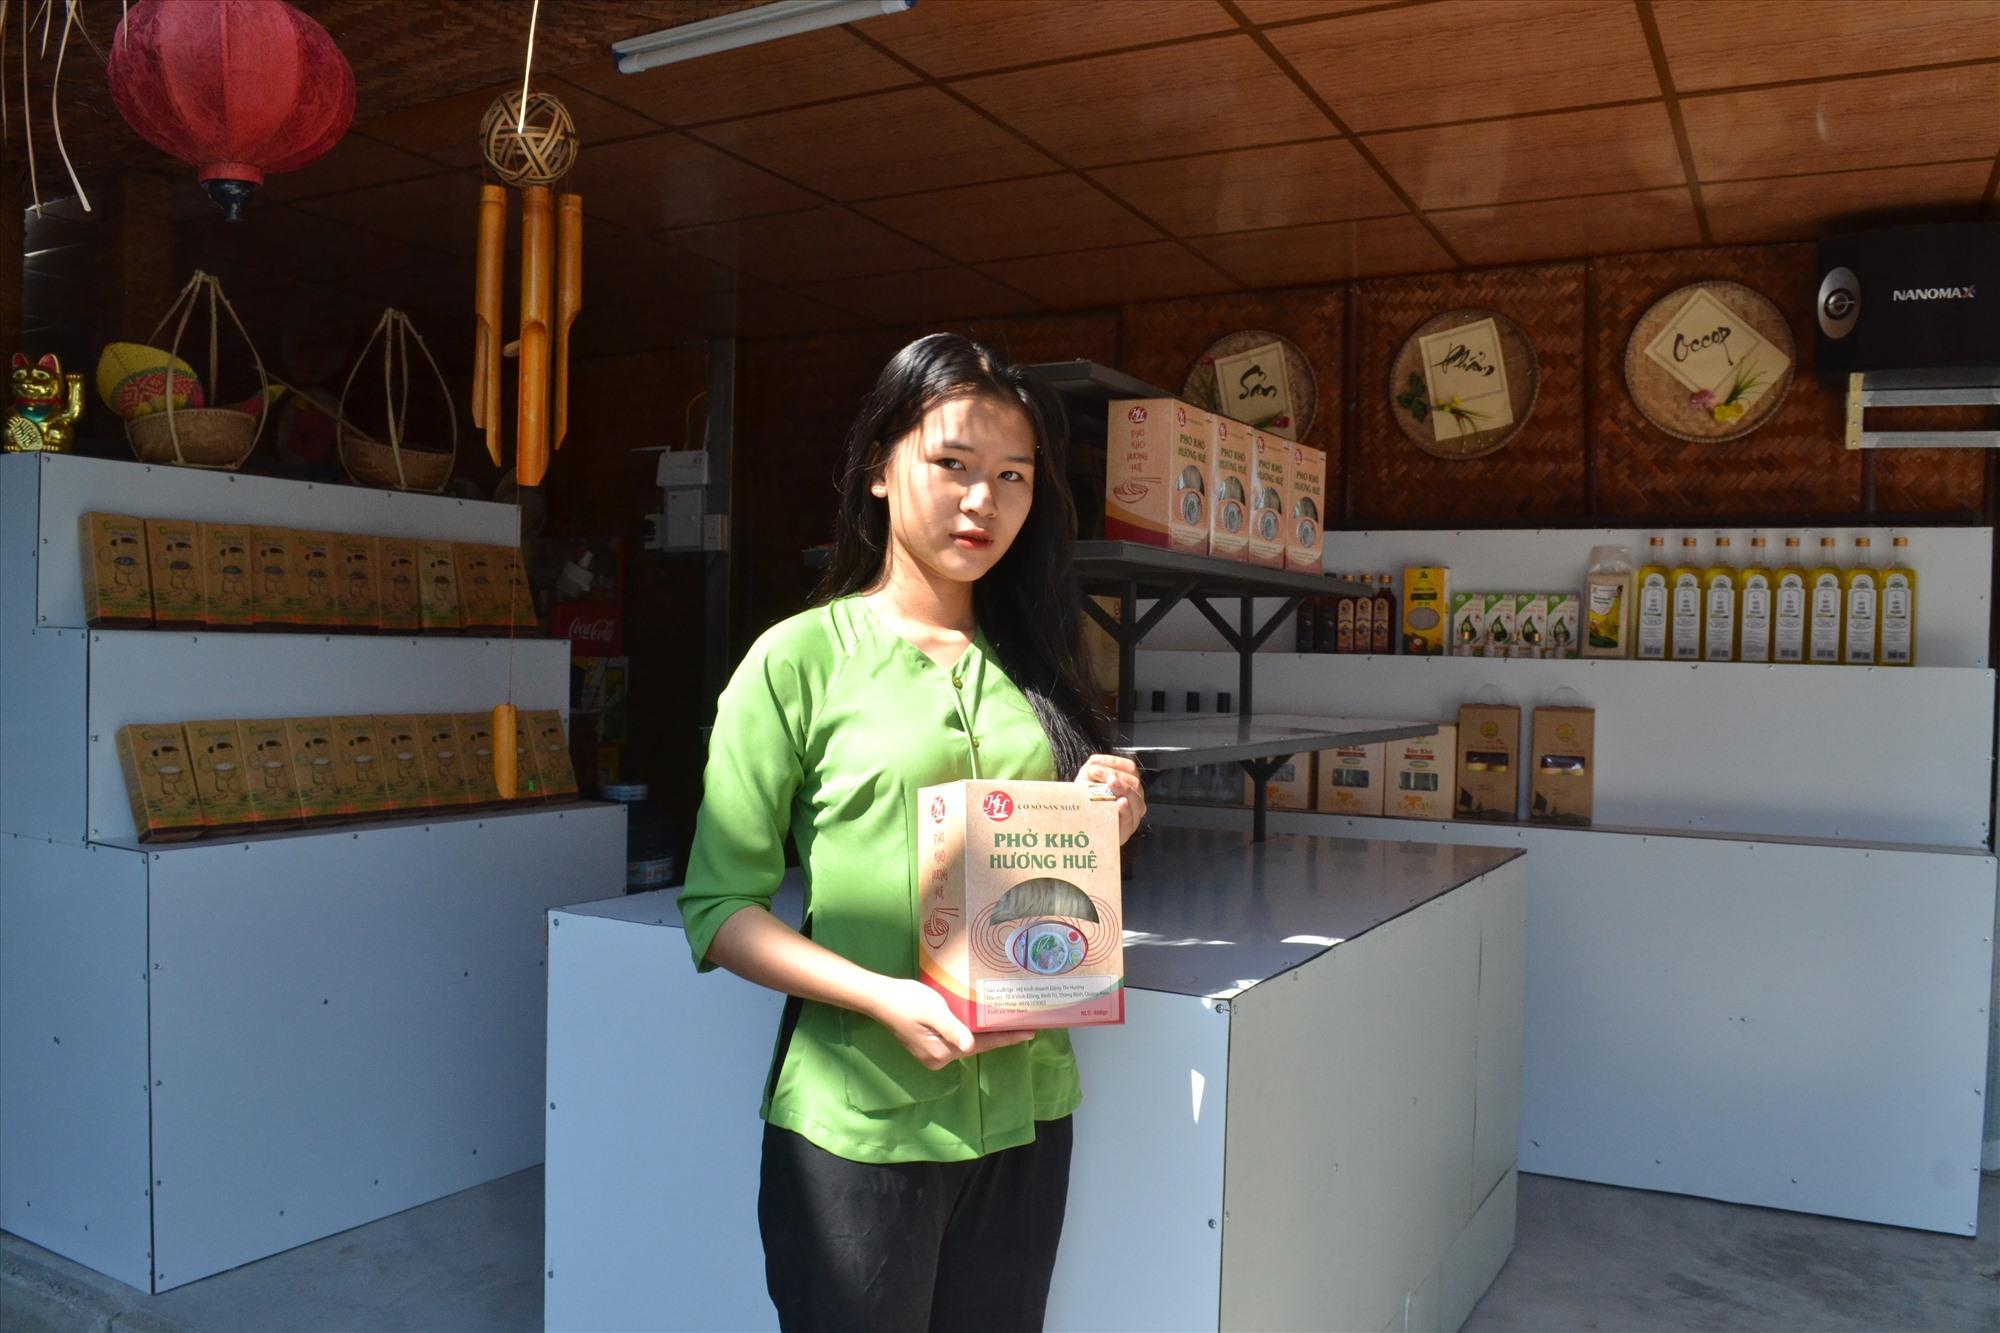 Sản phẩm OCOP phở khô Hương Huệ đã có chỗ đứng trên thị trường, được người tiêu dùng đón nhận. Ảnh: VIỆT QUANG